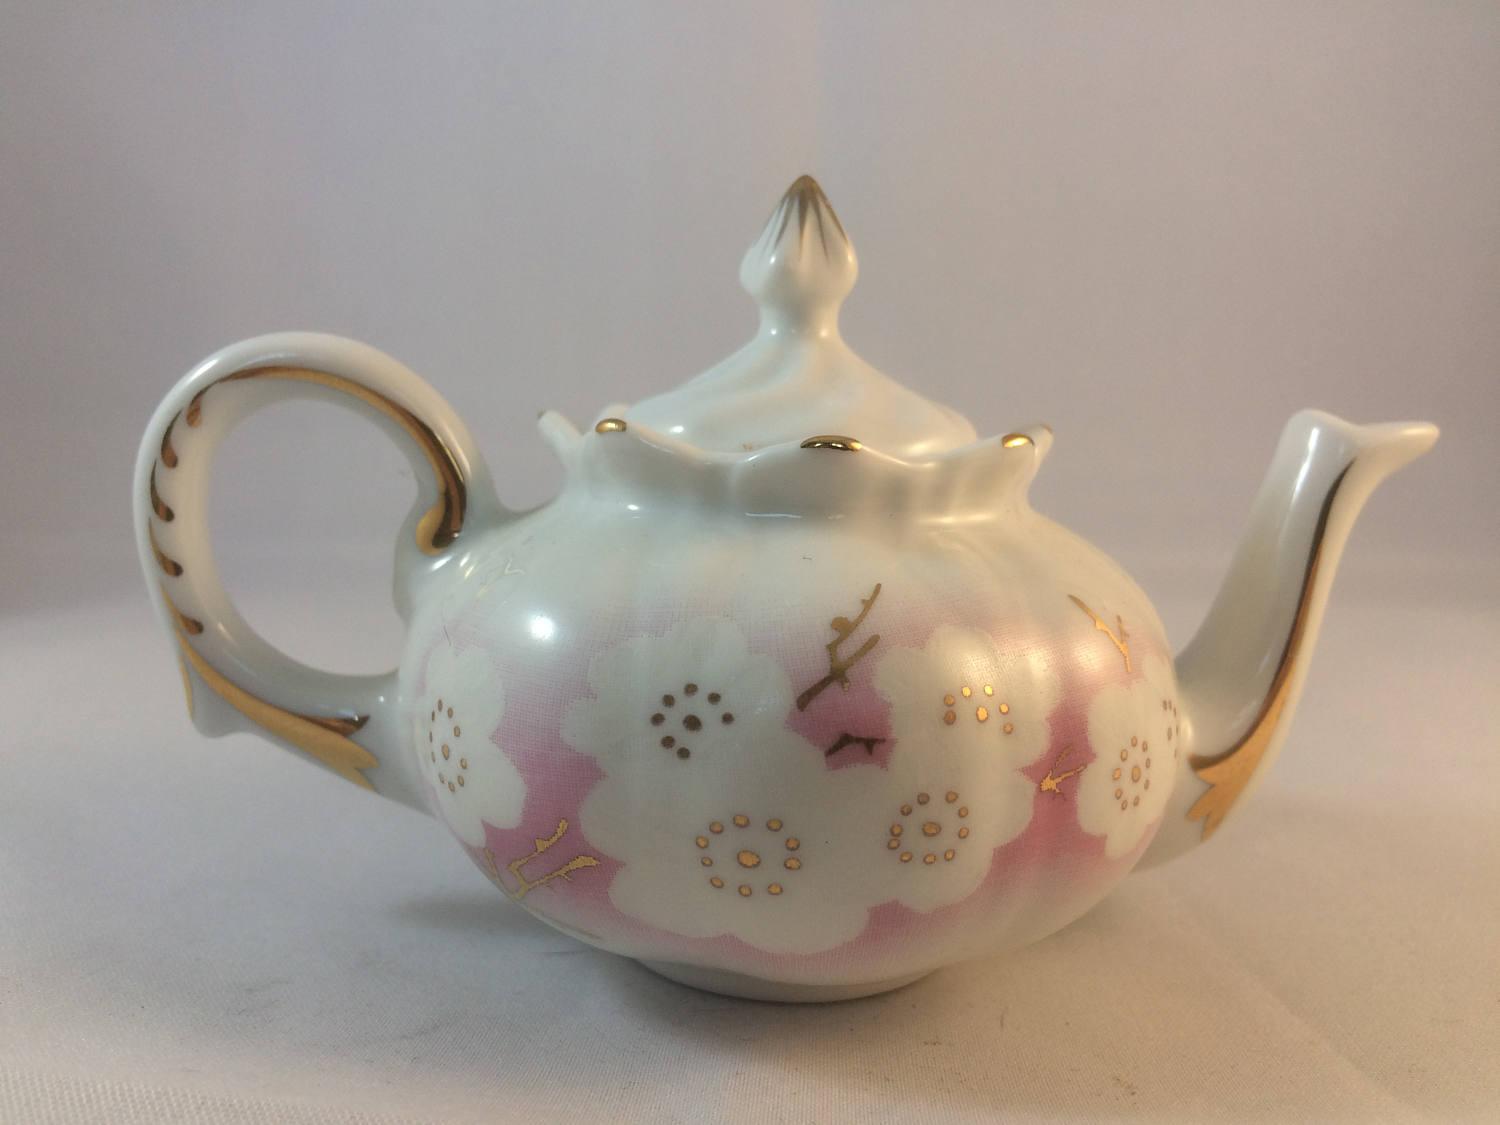 Miniatures  miniature teapot  porcelaine art  collectors item  collectable teapot  flower decoration  ideal gift  gilding